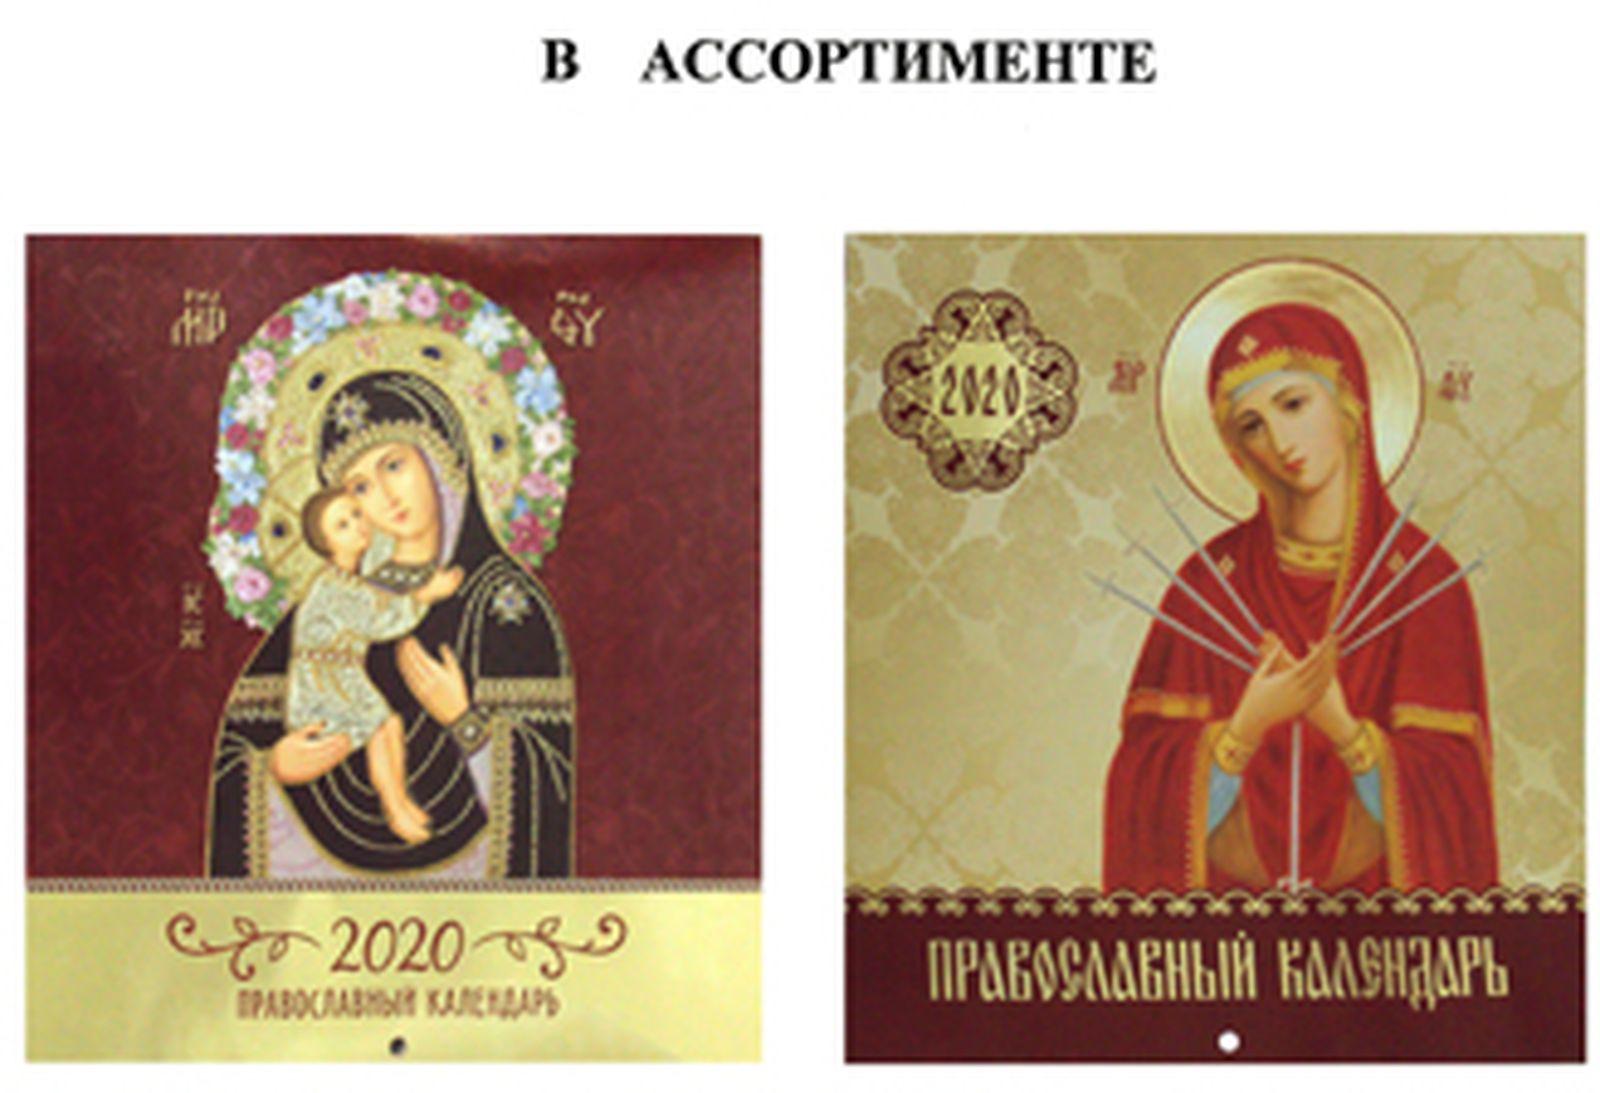 Православный календарь 2020. Иконы Божией Матери (в ассортименте)